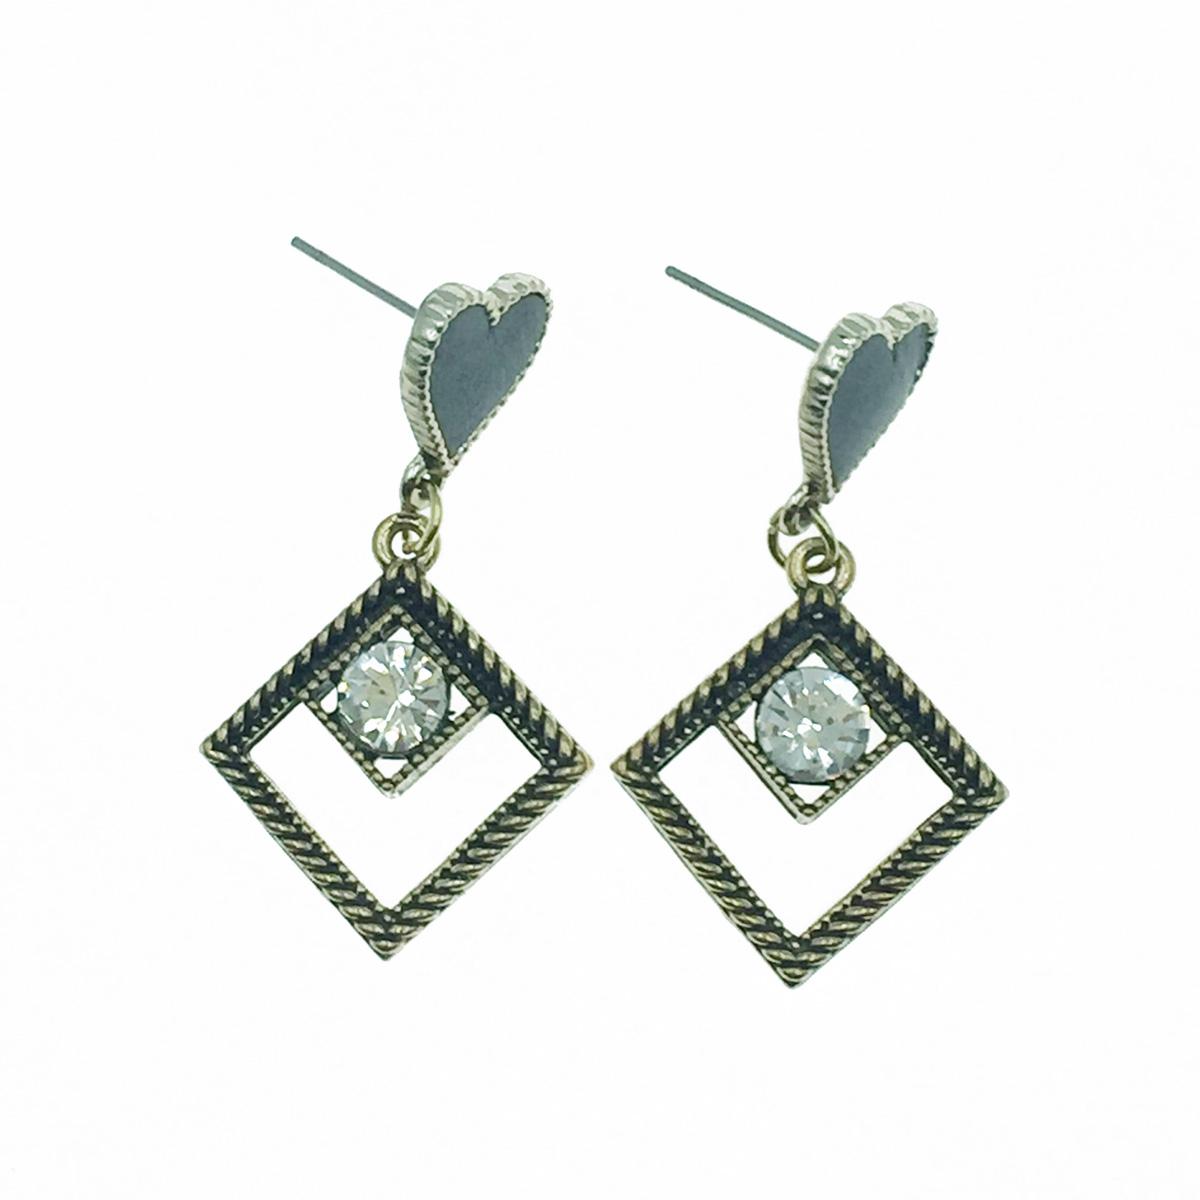 韓國 925純銀 愛心 水鑽 簍空菱形 垂墜感 耳針式耳環